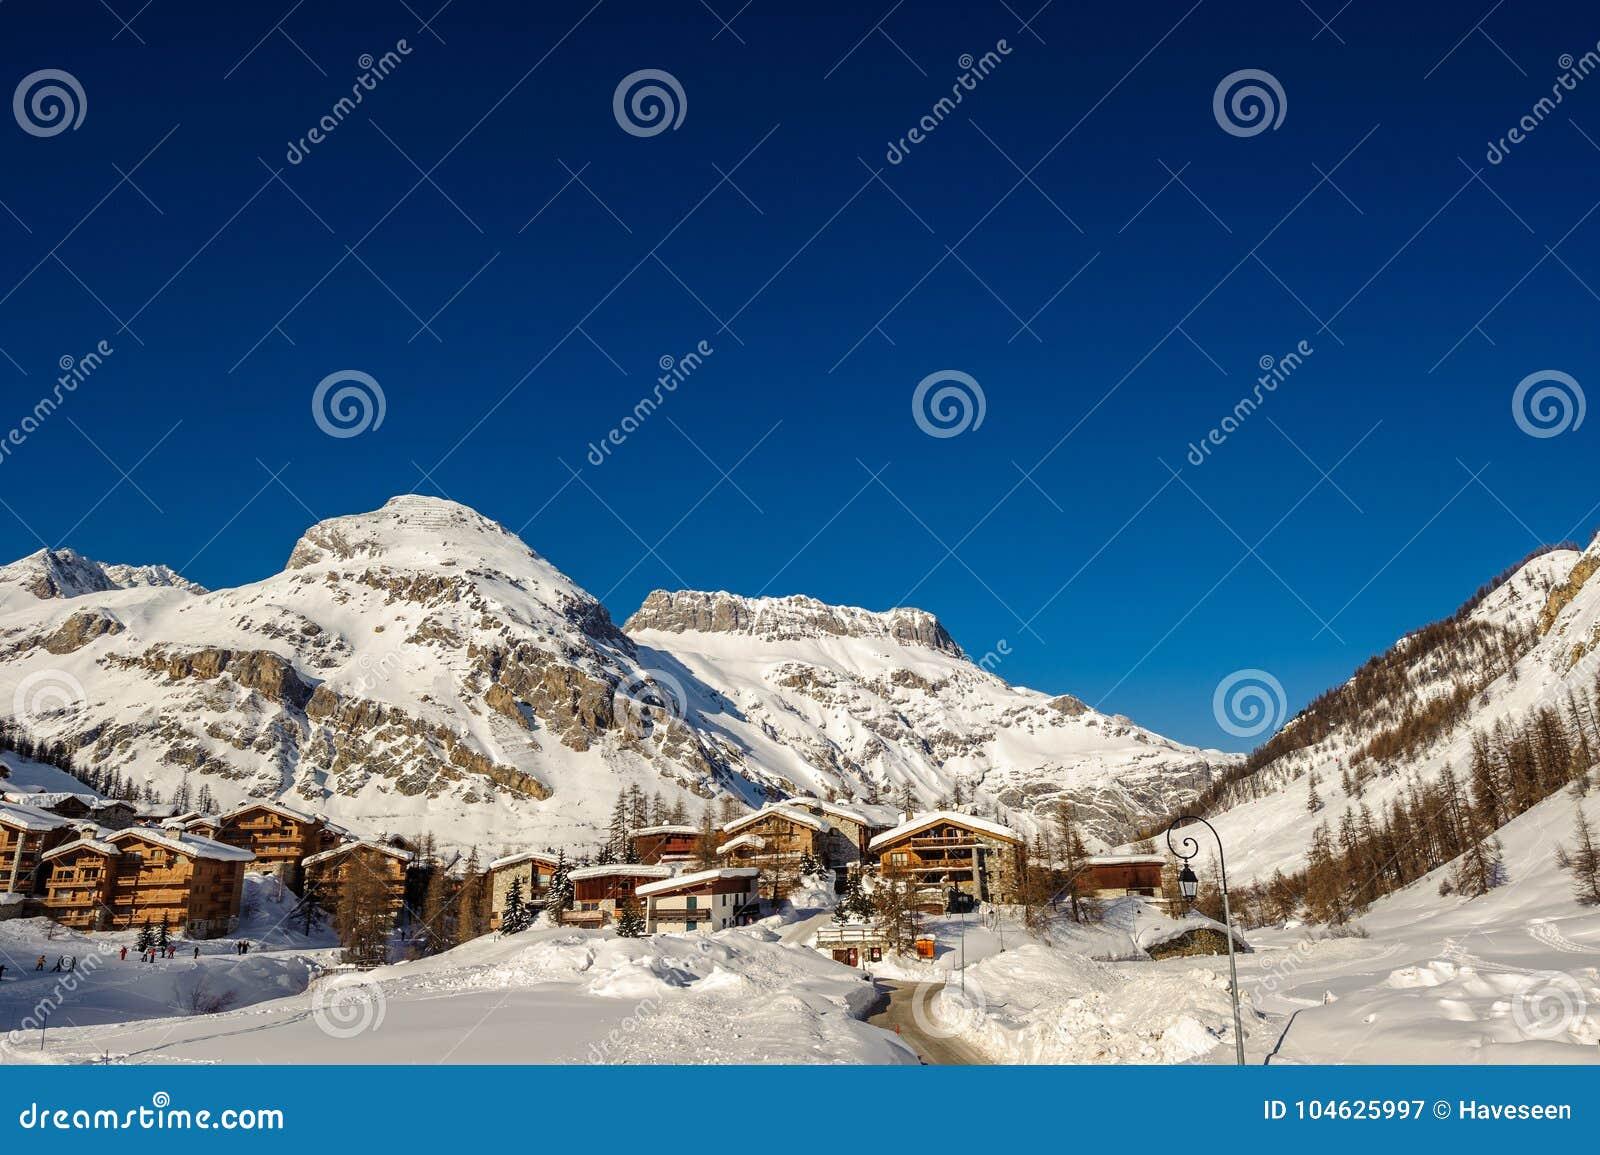 Download Het Alpiene Landschap Van De De Winterberg Franse Alpen Met Sneeuw Stock Afbeelding - Afbeelding bestaande uit toneel, outdoors: 104625997